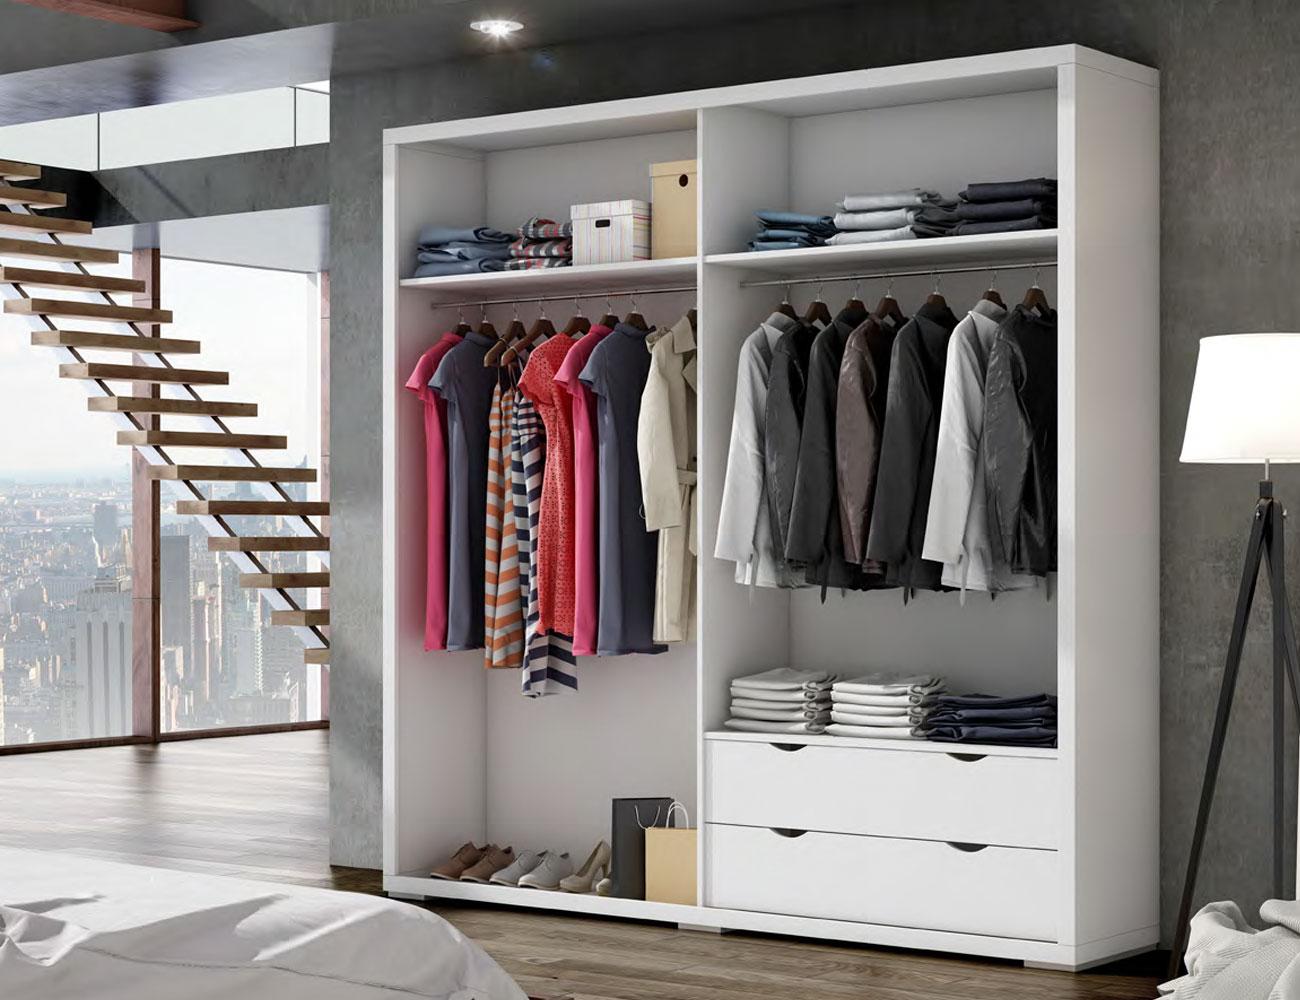 Detalle interior armario puertas correderas